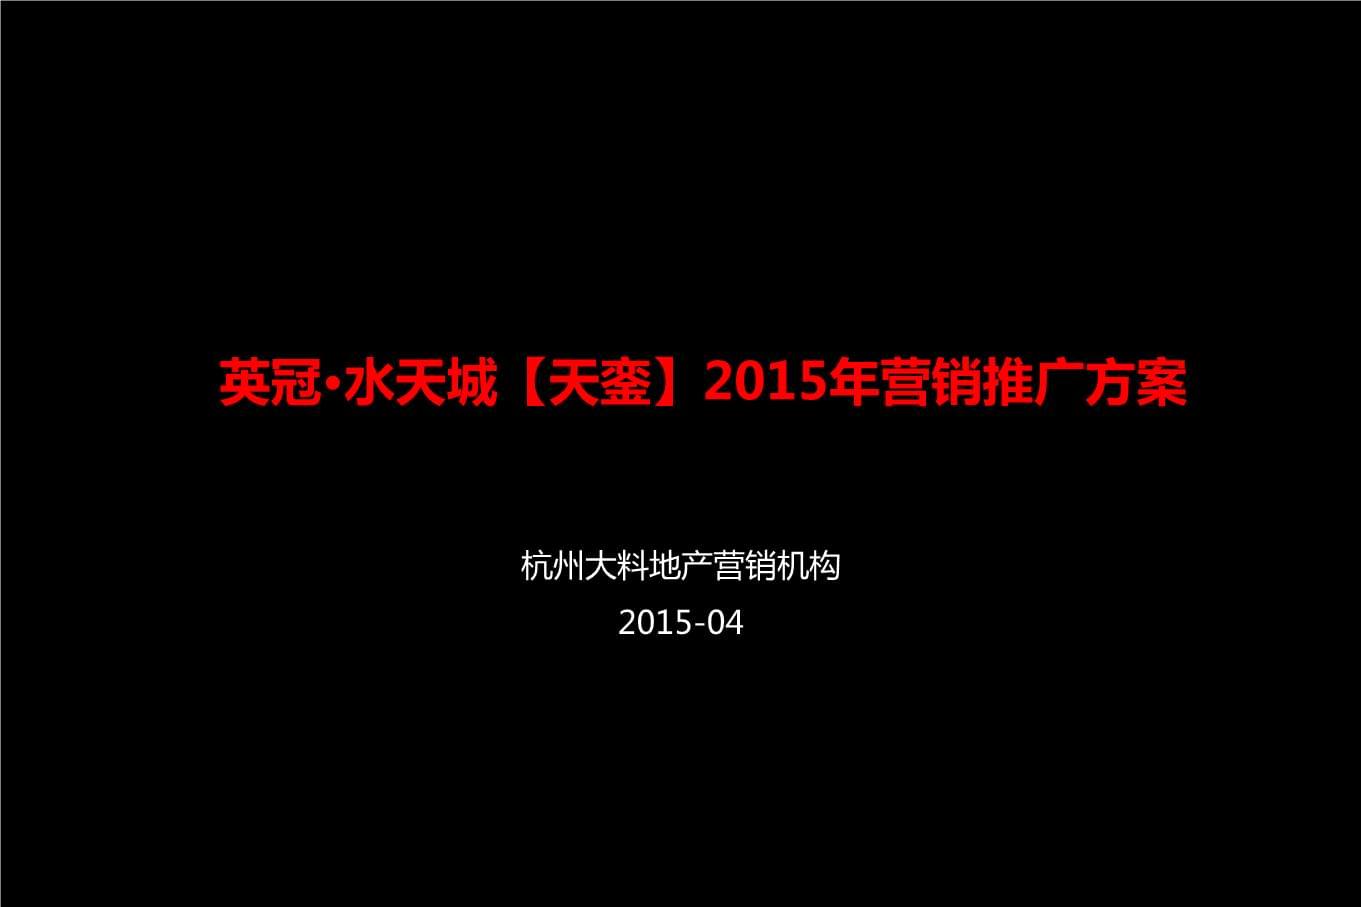 大料广告-英冠水天城项目营销推广计划.pptx